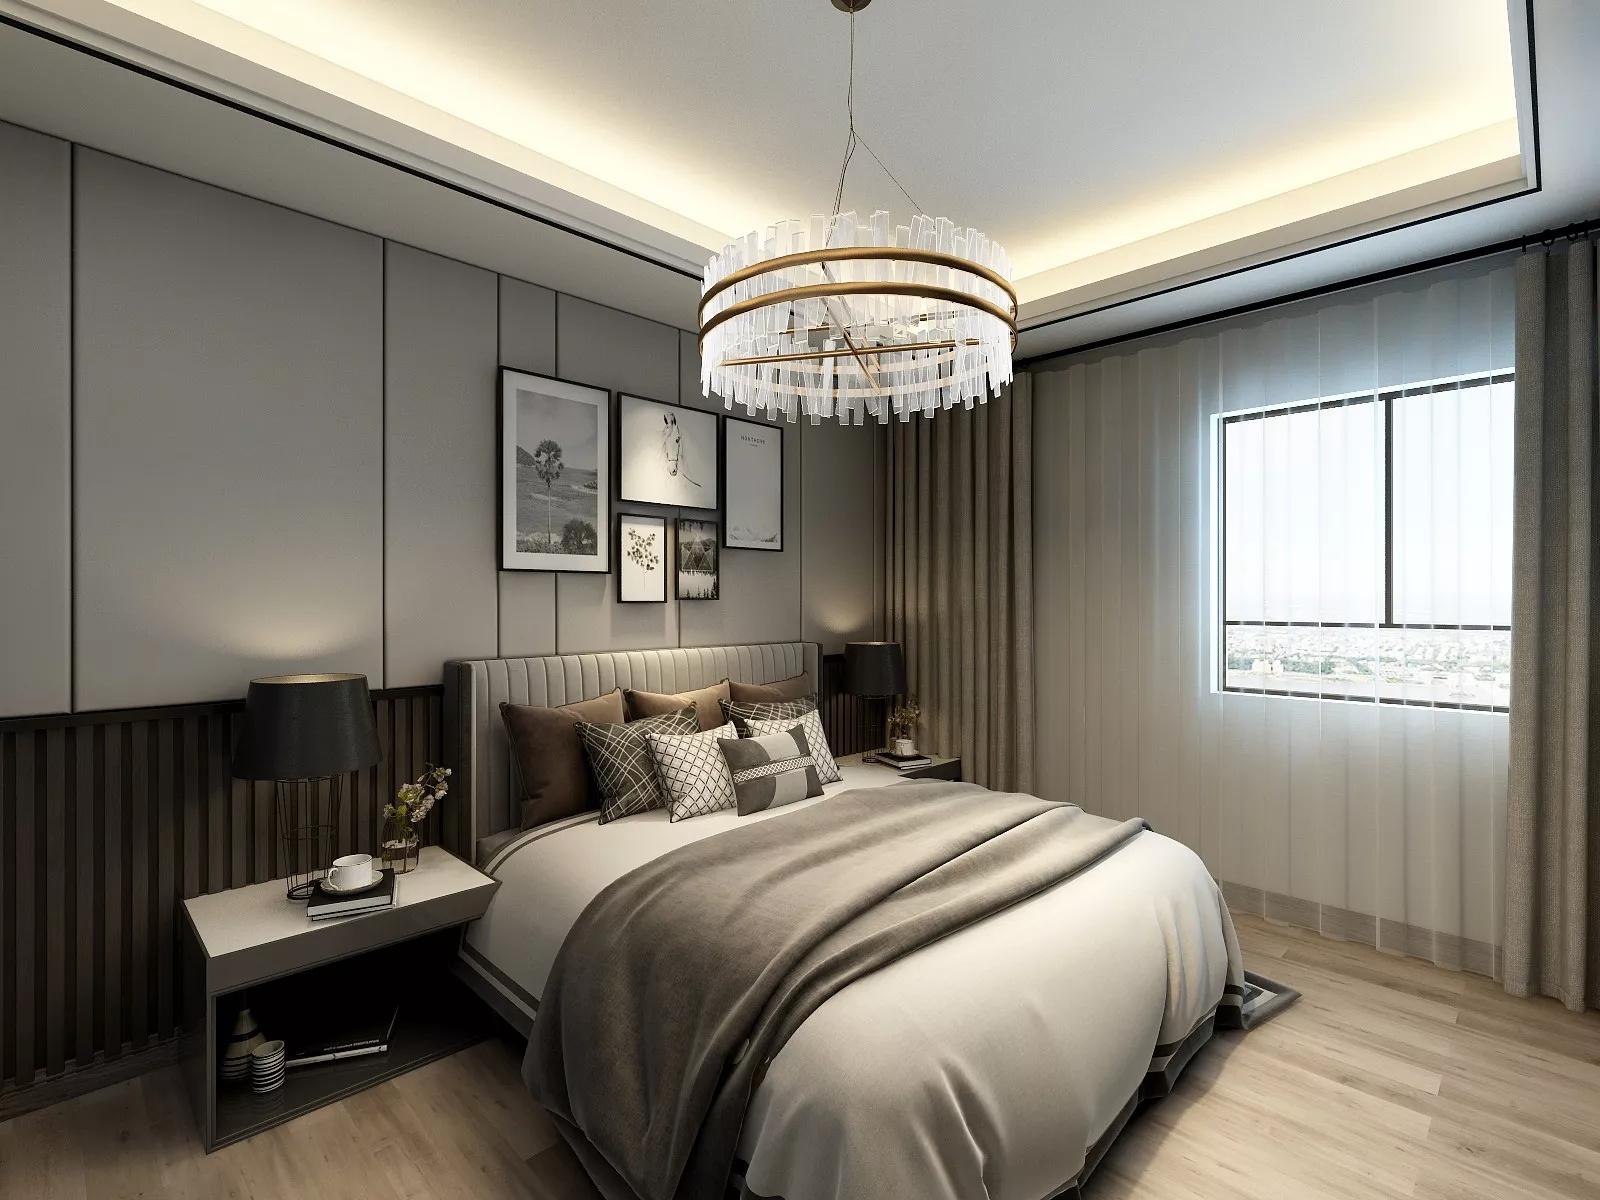 客厅要怎么装修设计 客厅装修设计要点有哪些